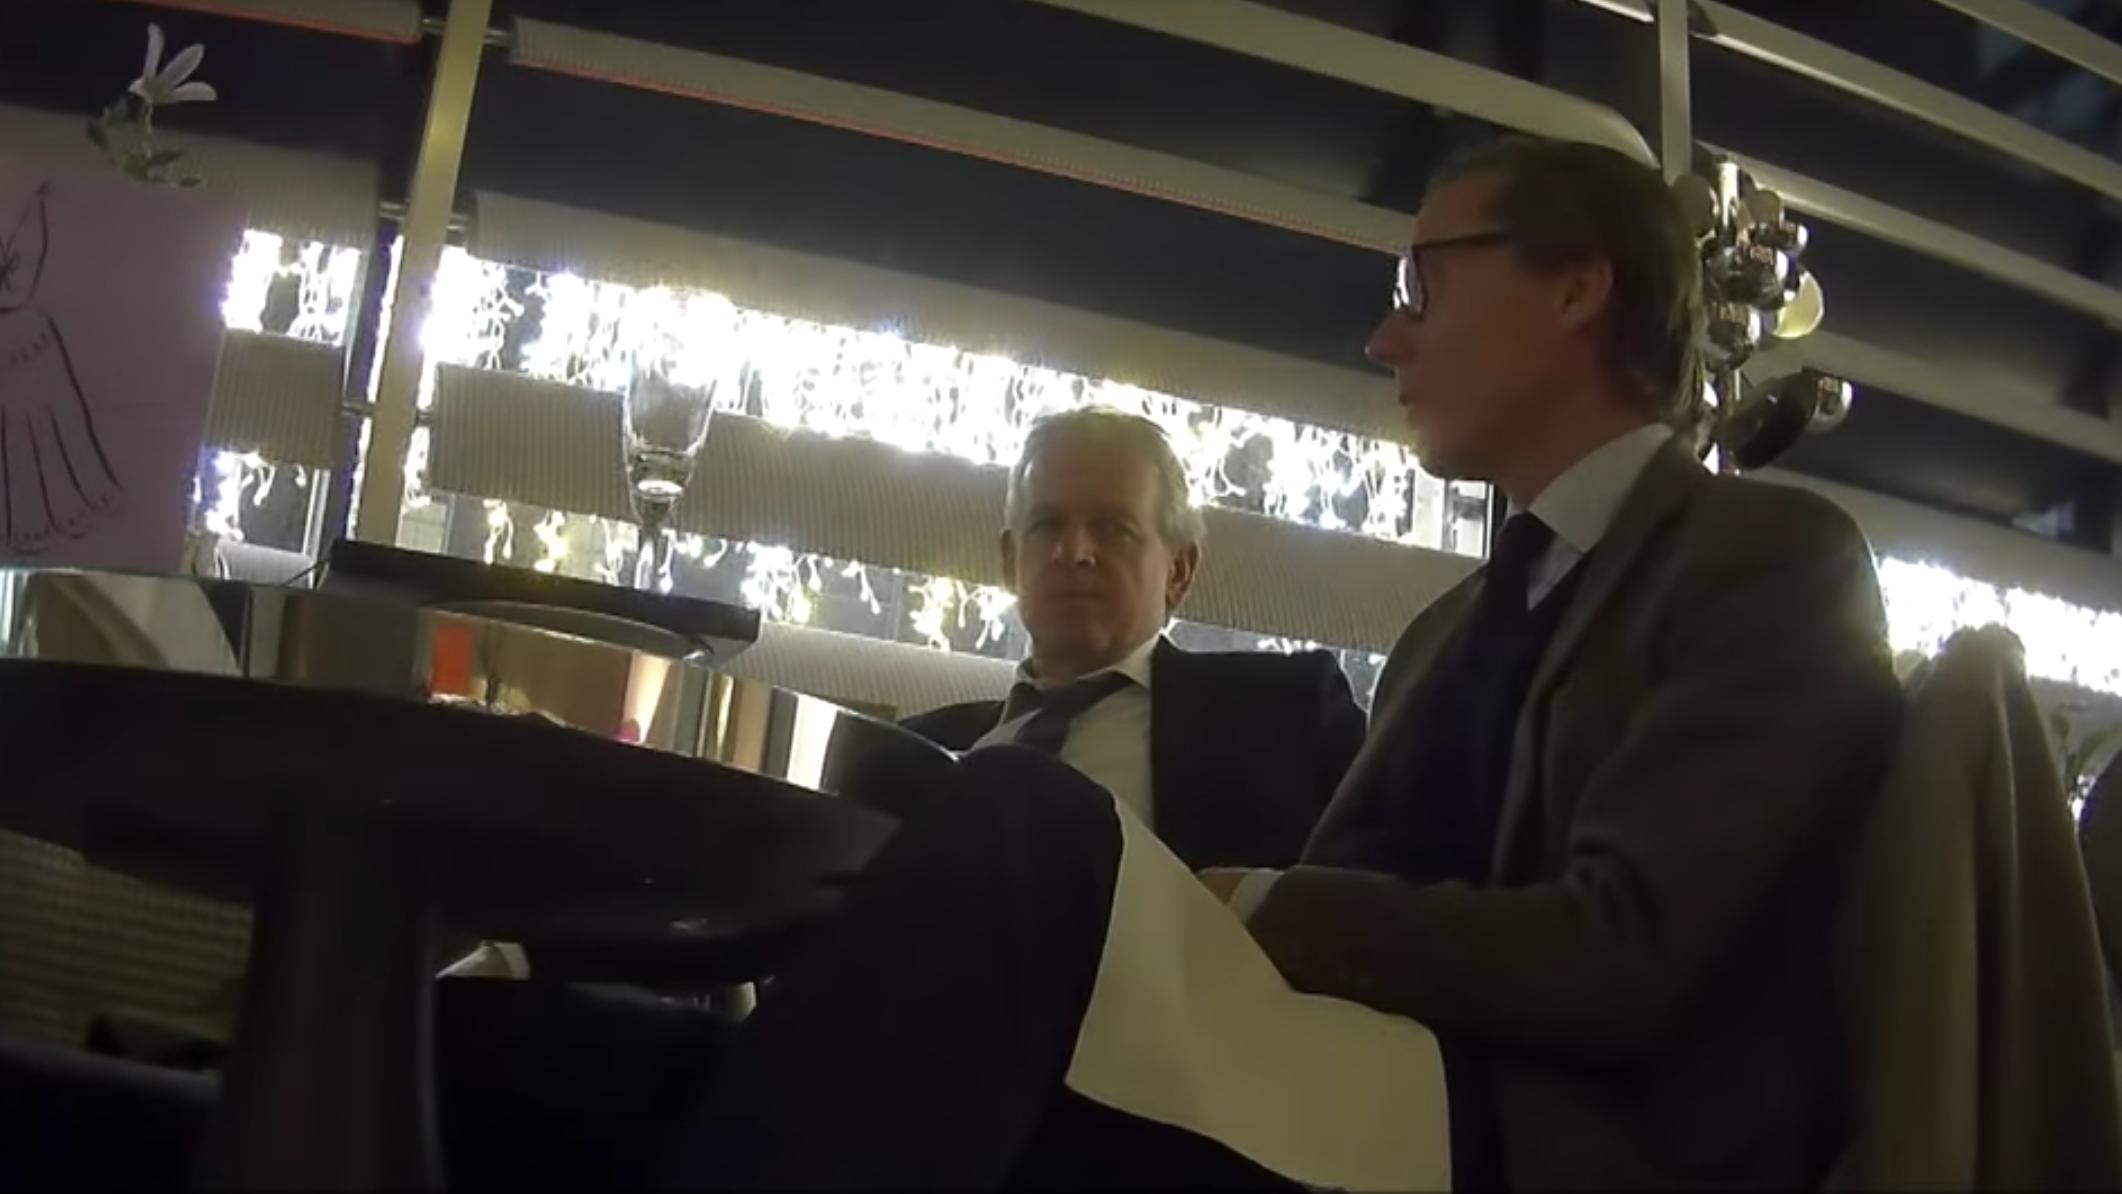 cambridge-analytica electioneering facebook observer trump-campaign undercover